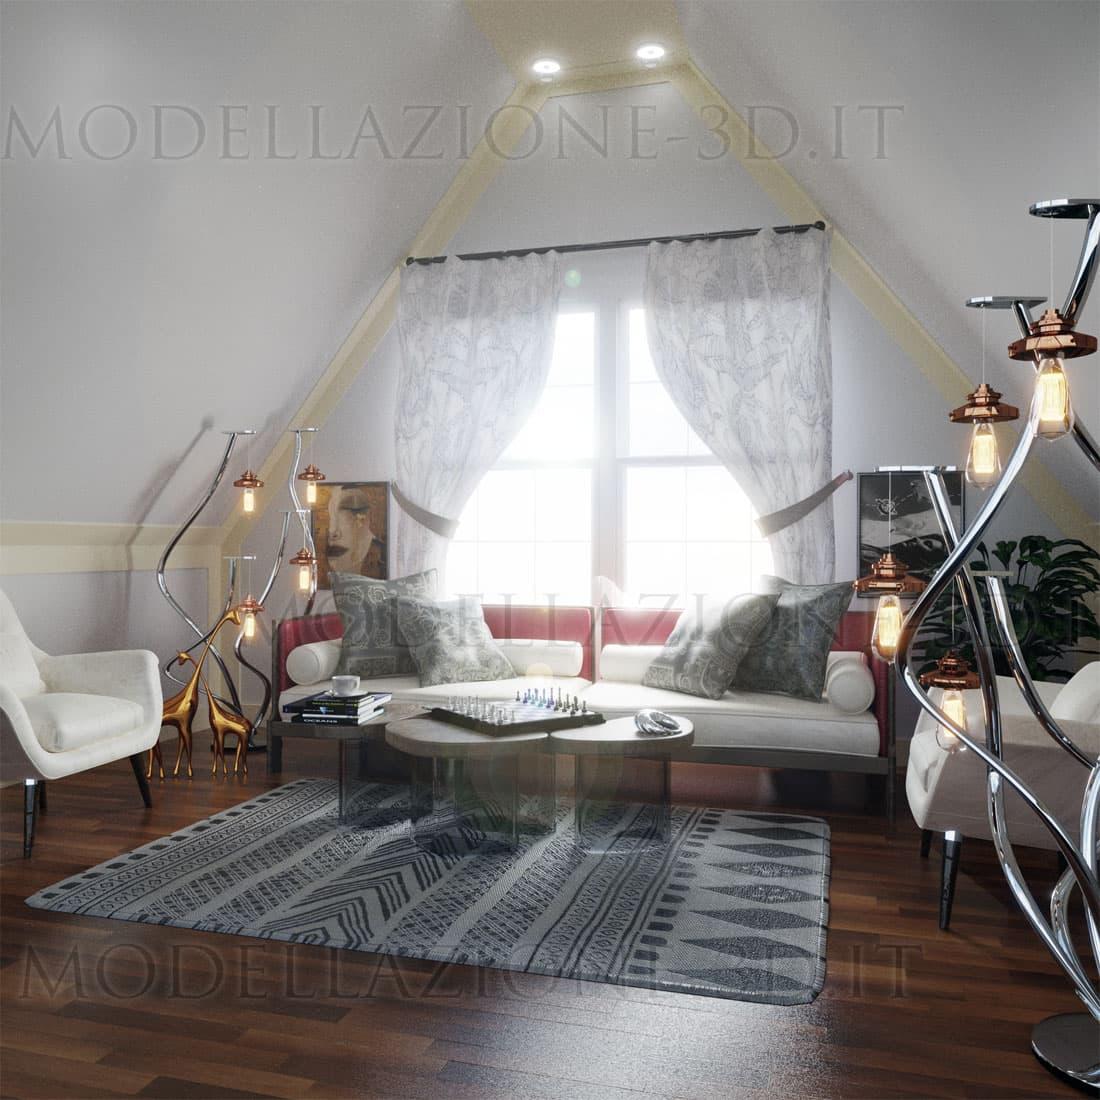 Ambientazione soggiorno in vecchia soffitta 3D